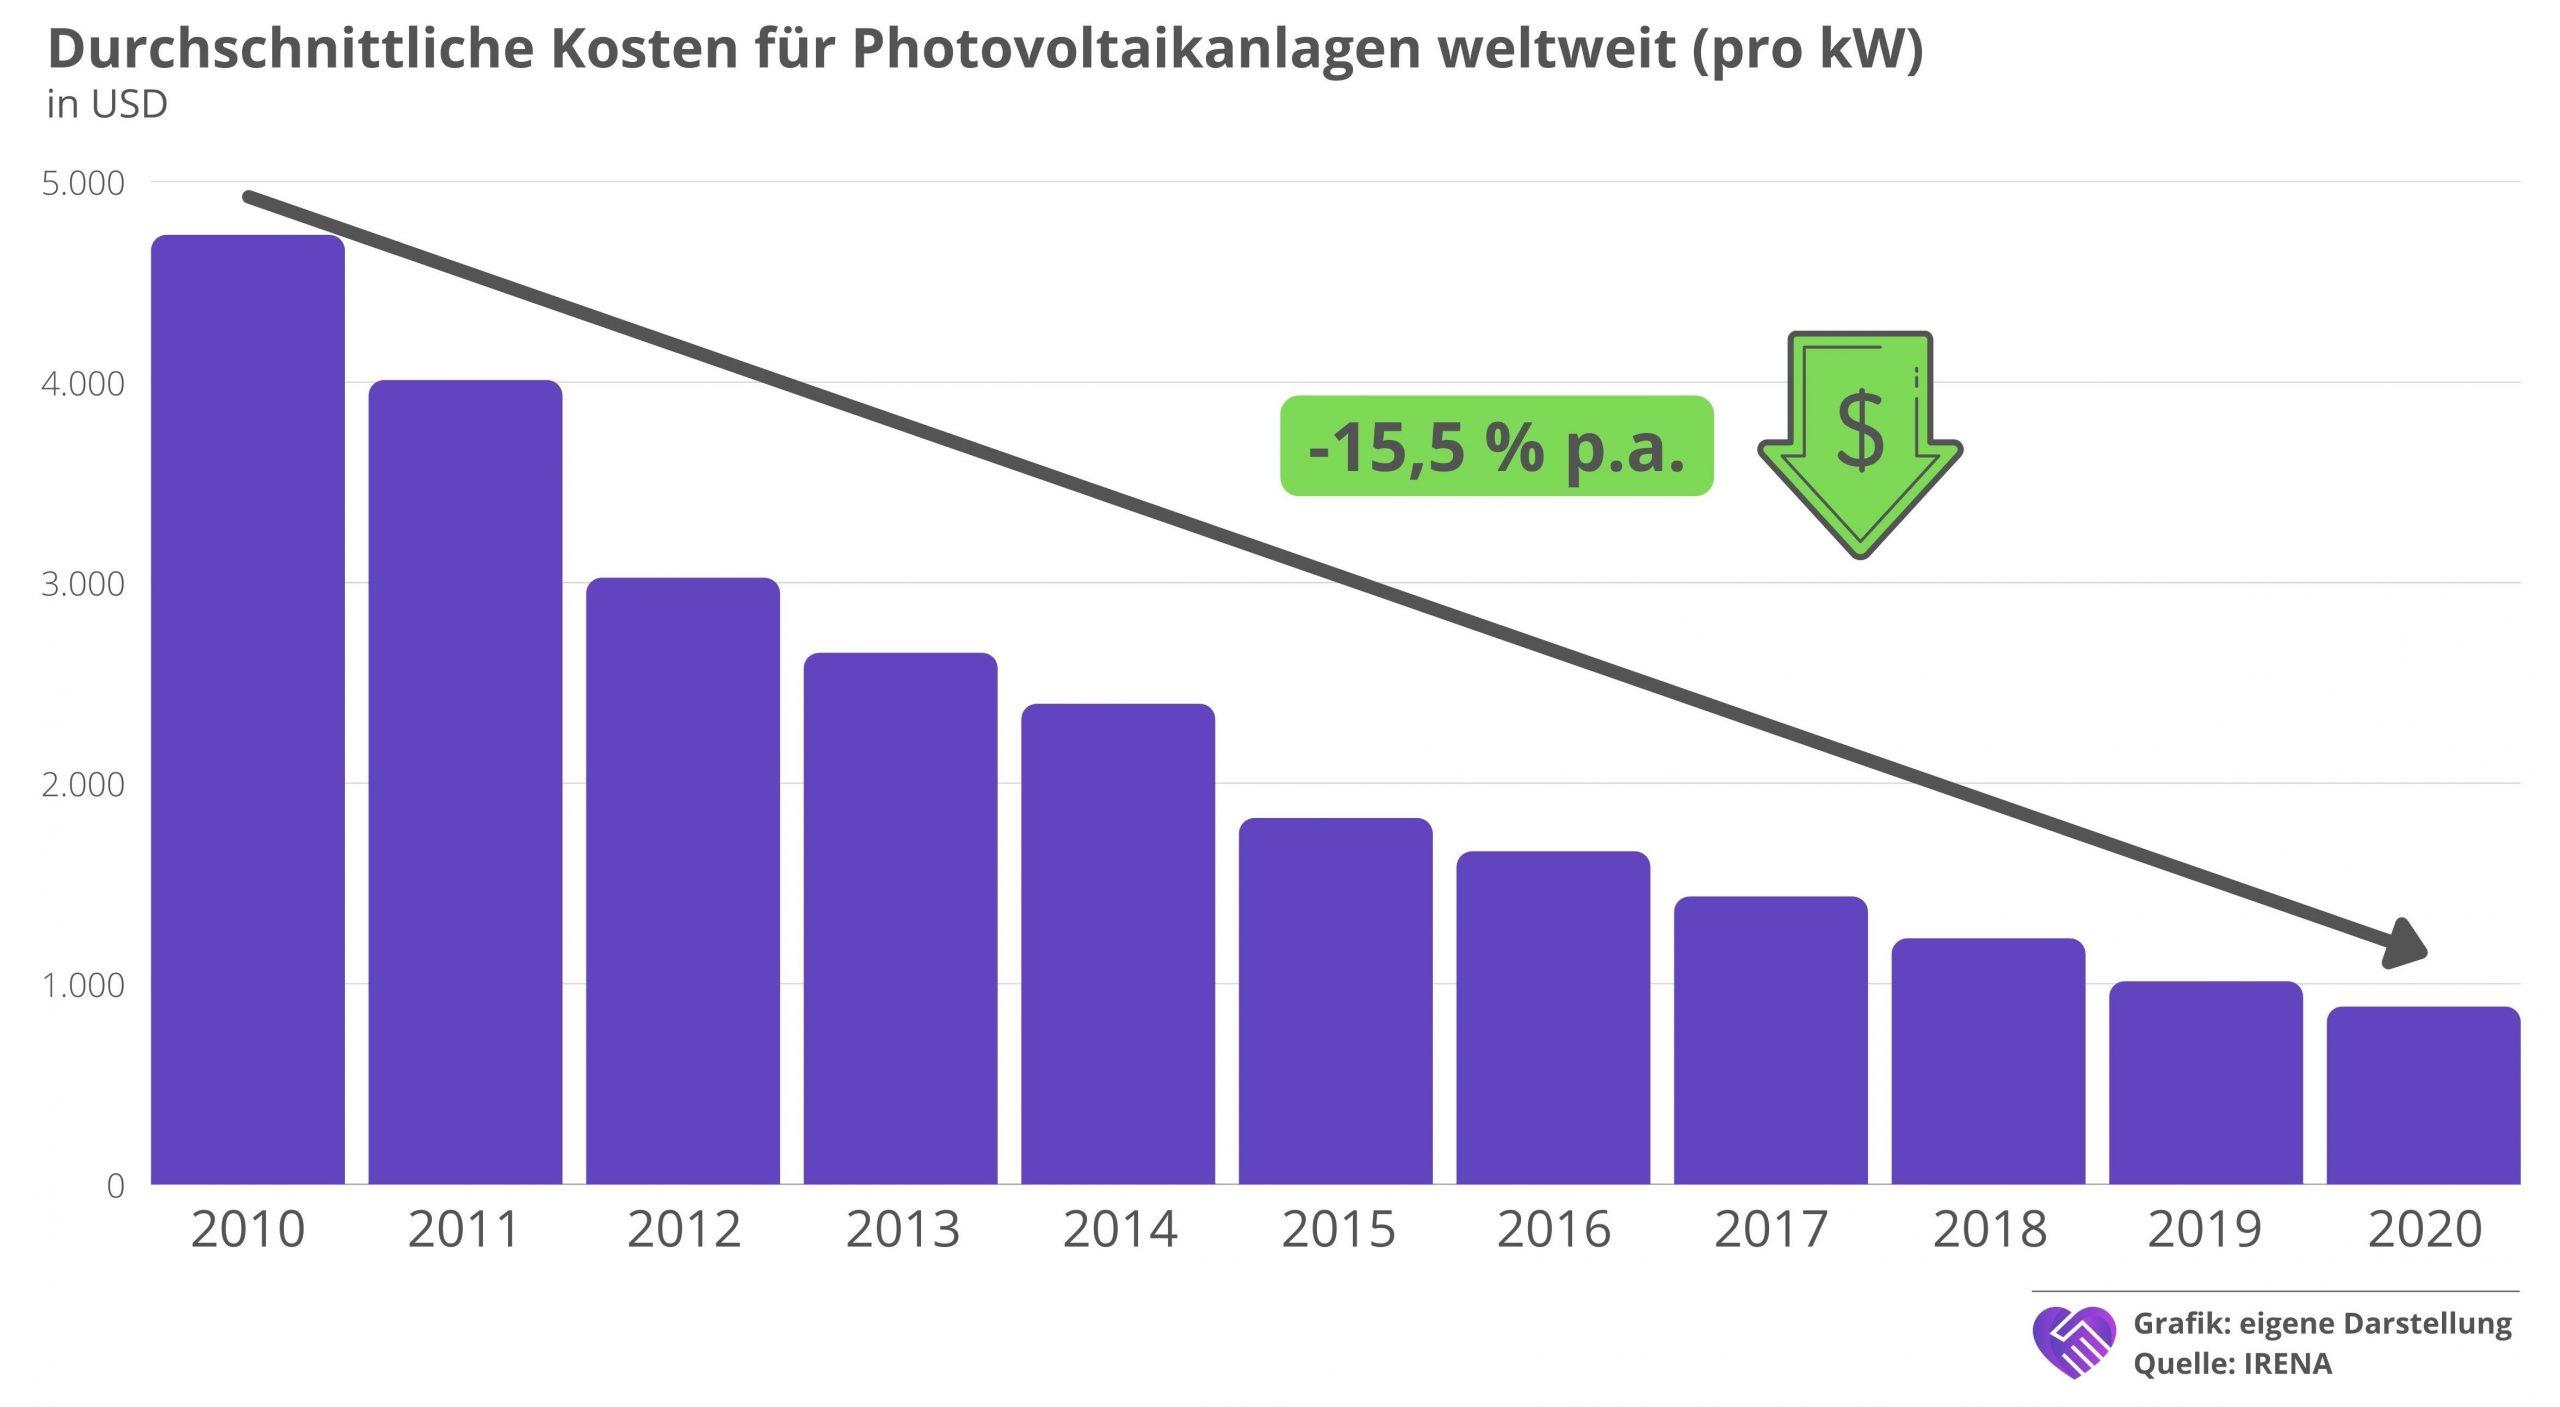 7C Solarparken Aktie Analyse Kosten Entwicklung Phtovoltaikanlage